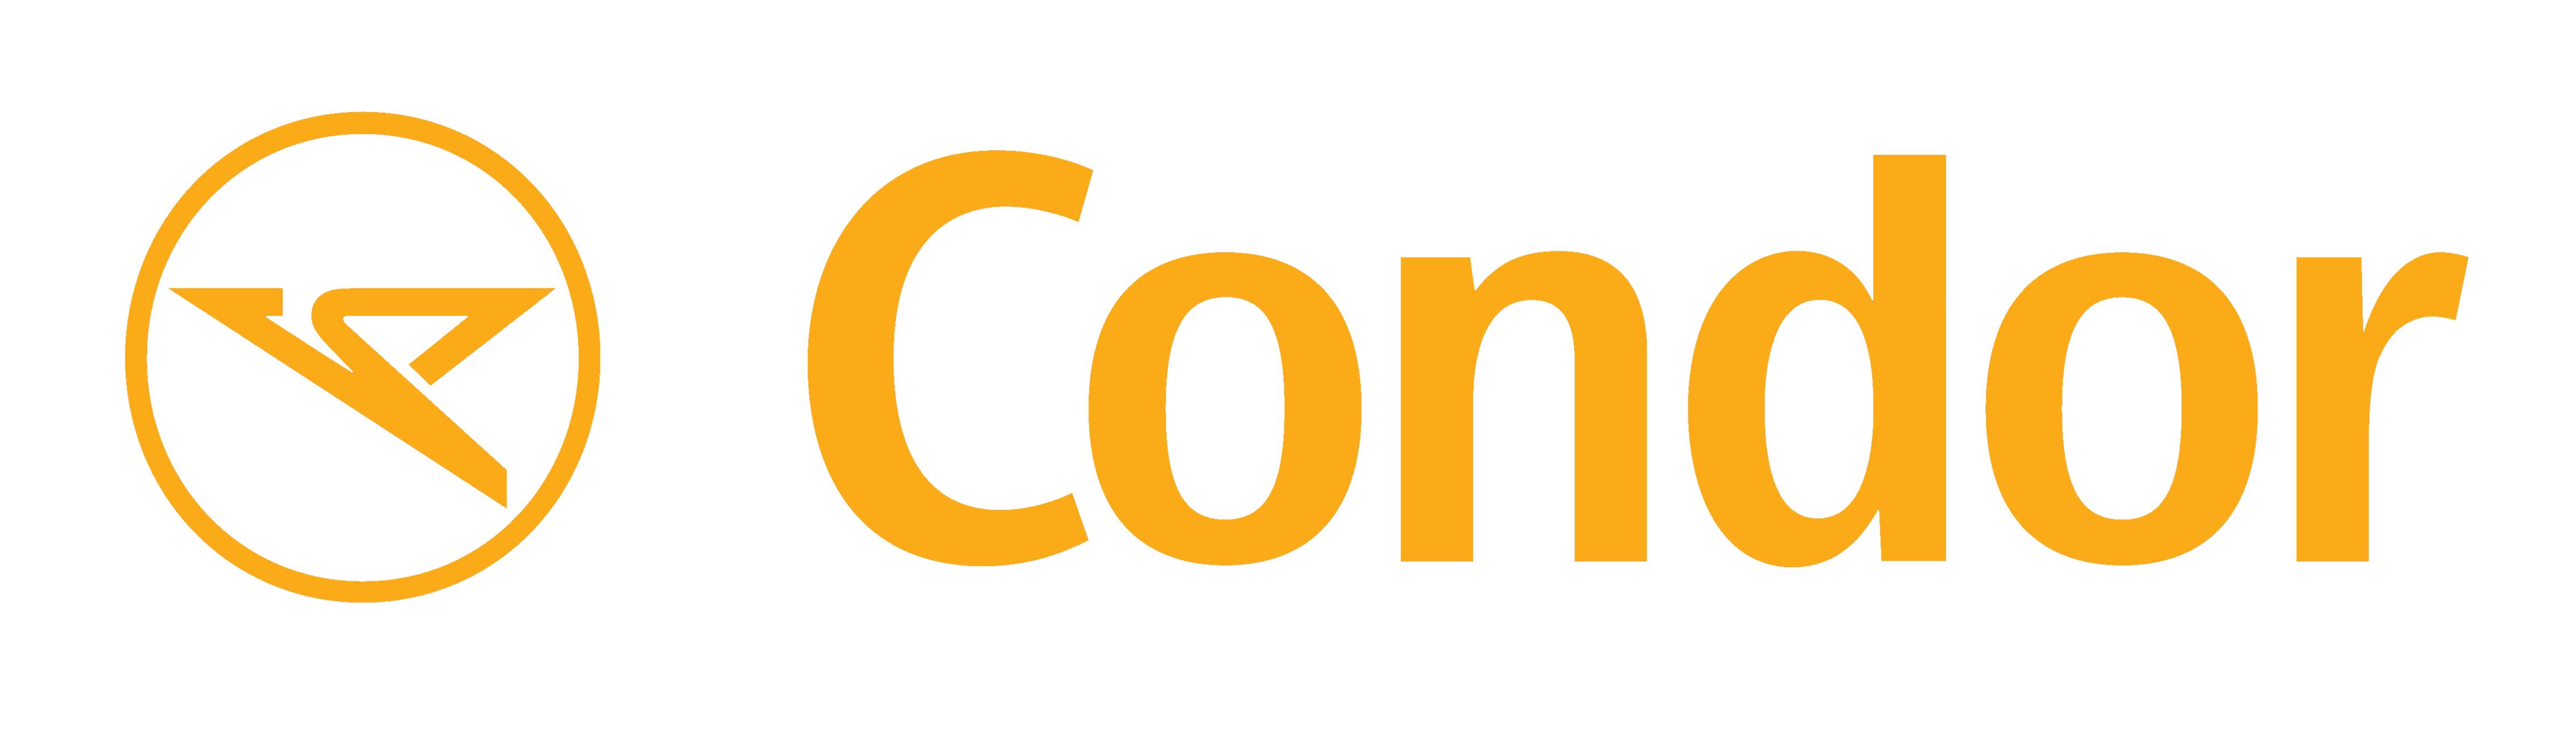 condor airlines � logos download